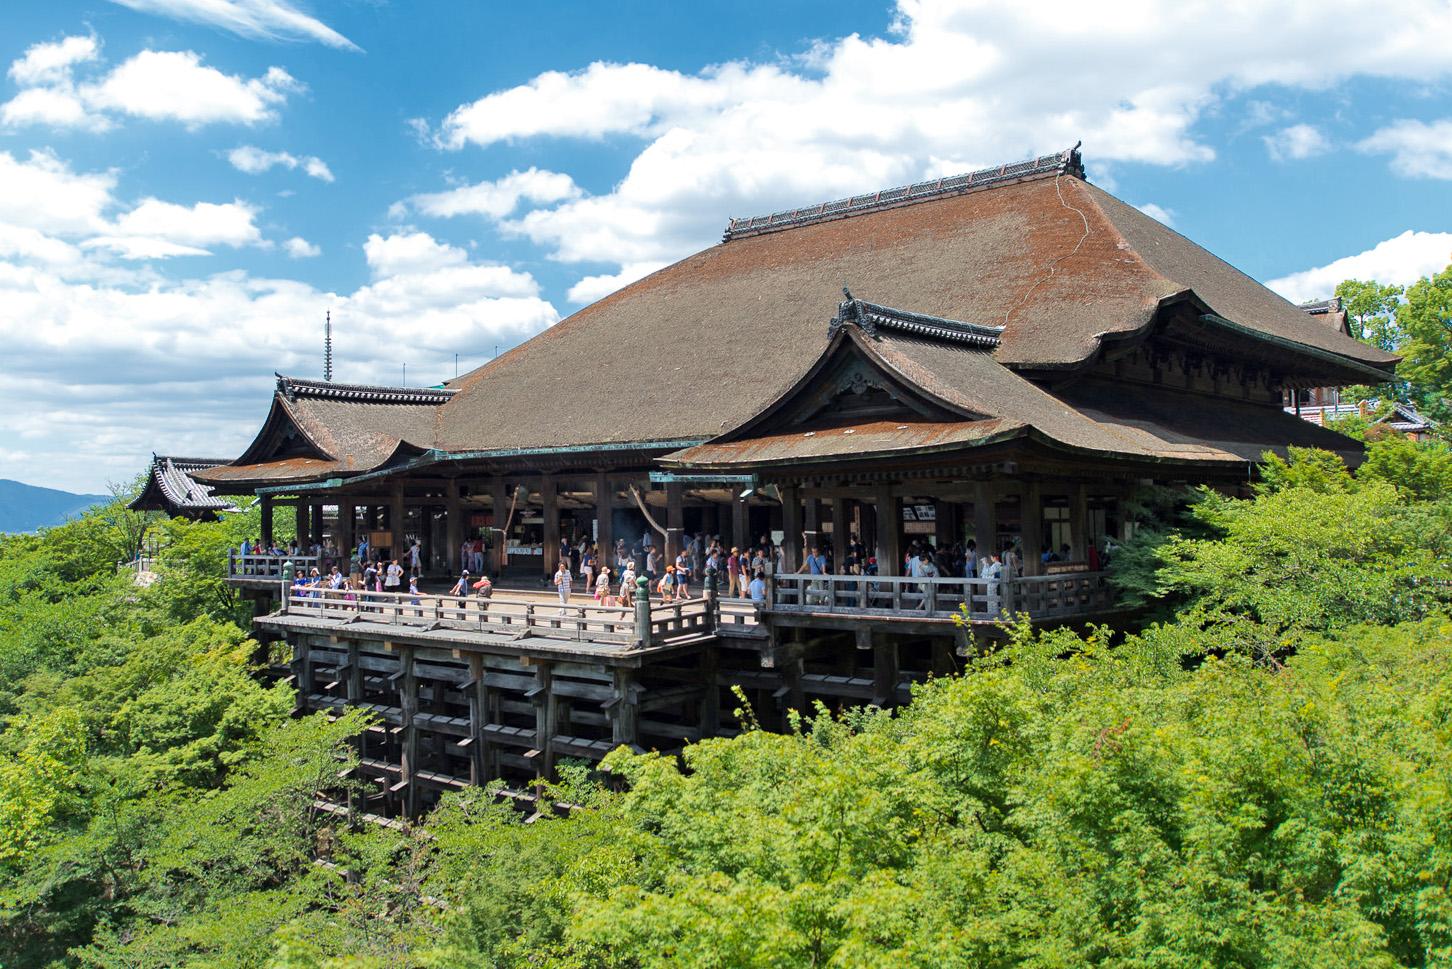 Kiyomizu-dera Temple kyoto japan itinerary